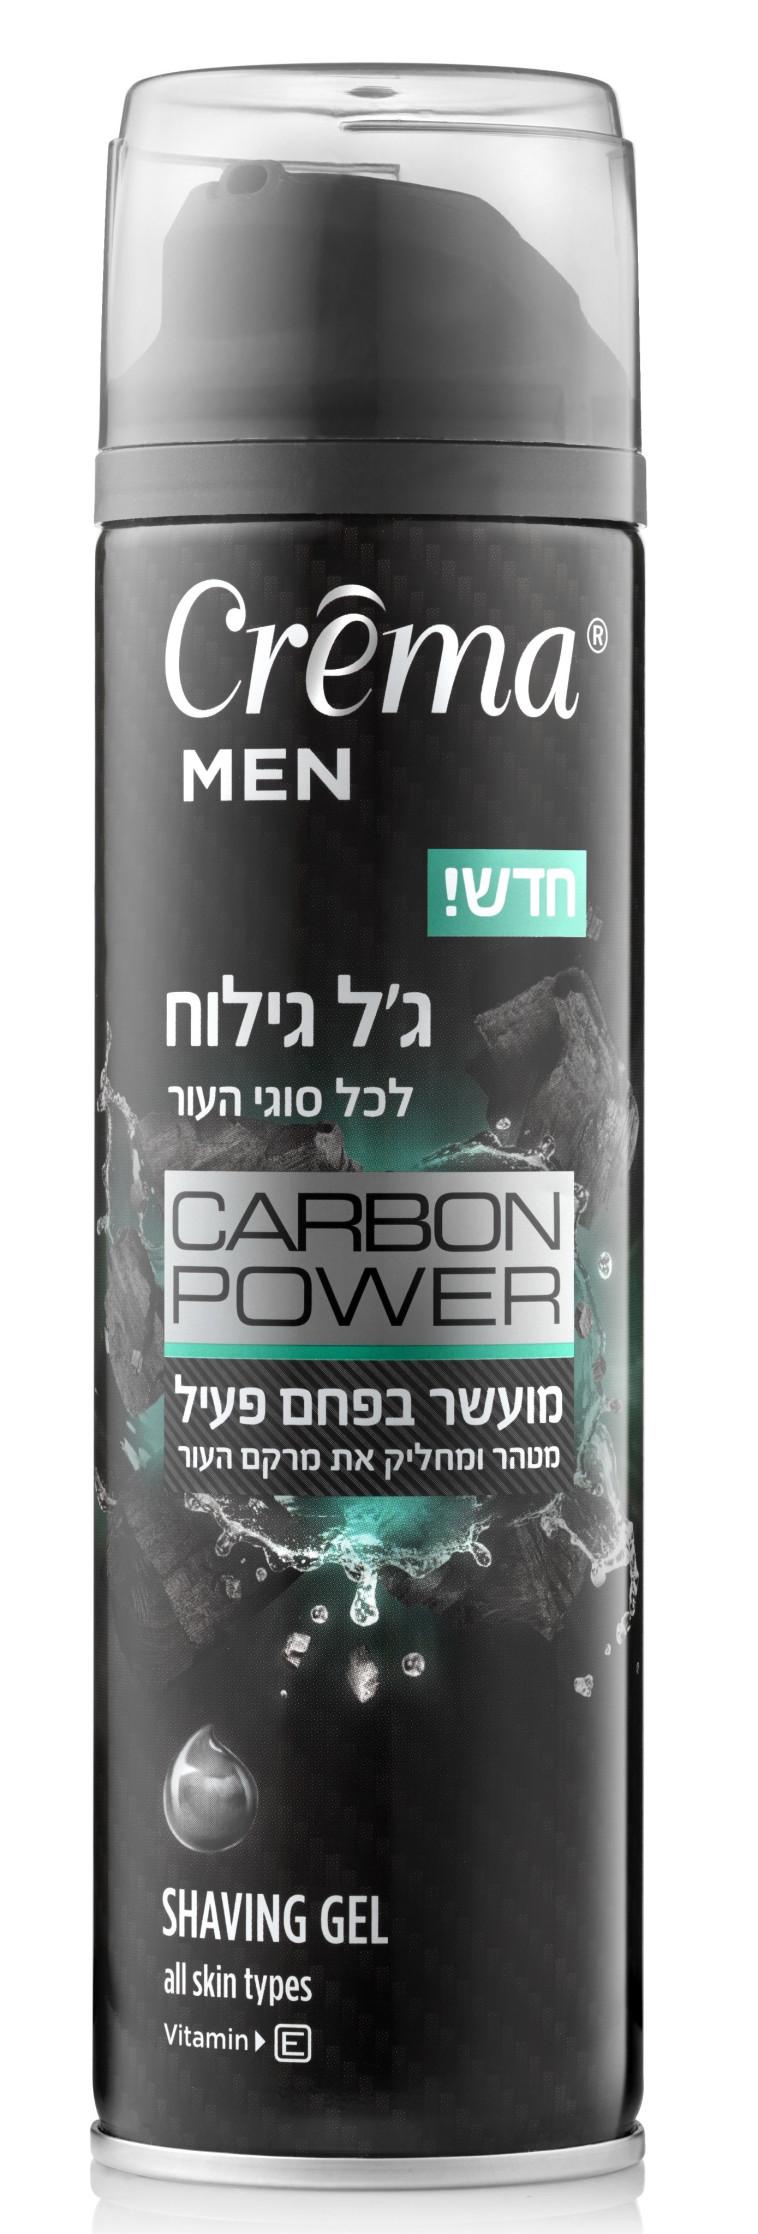 ג'ל גילוח מועשר בפחם פעיל Crêma Men Carbon Power Shaving Gel, קרמה מן. (צילום: טל אזולאי)